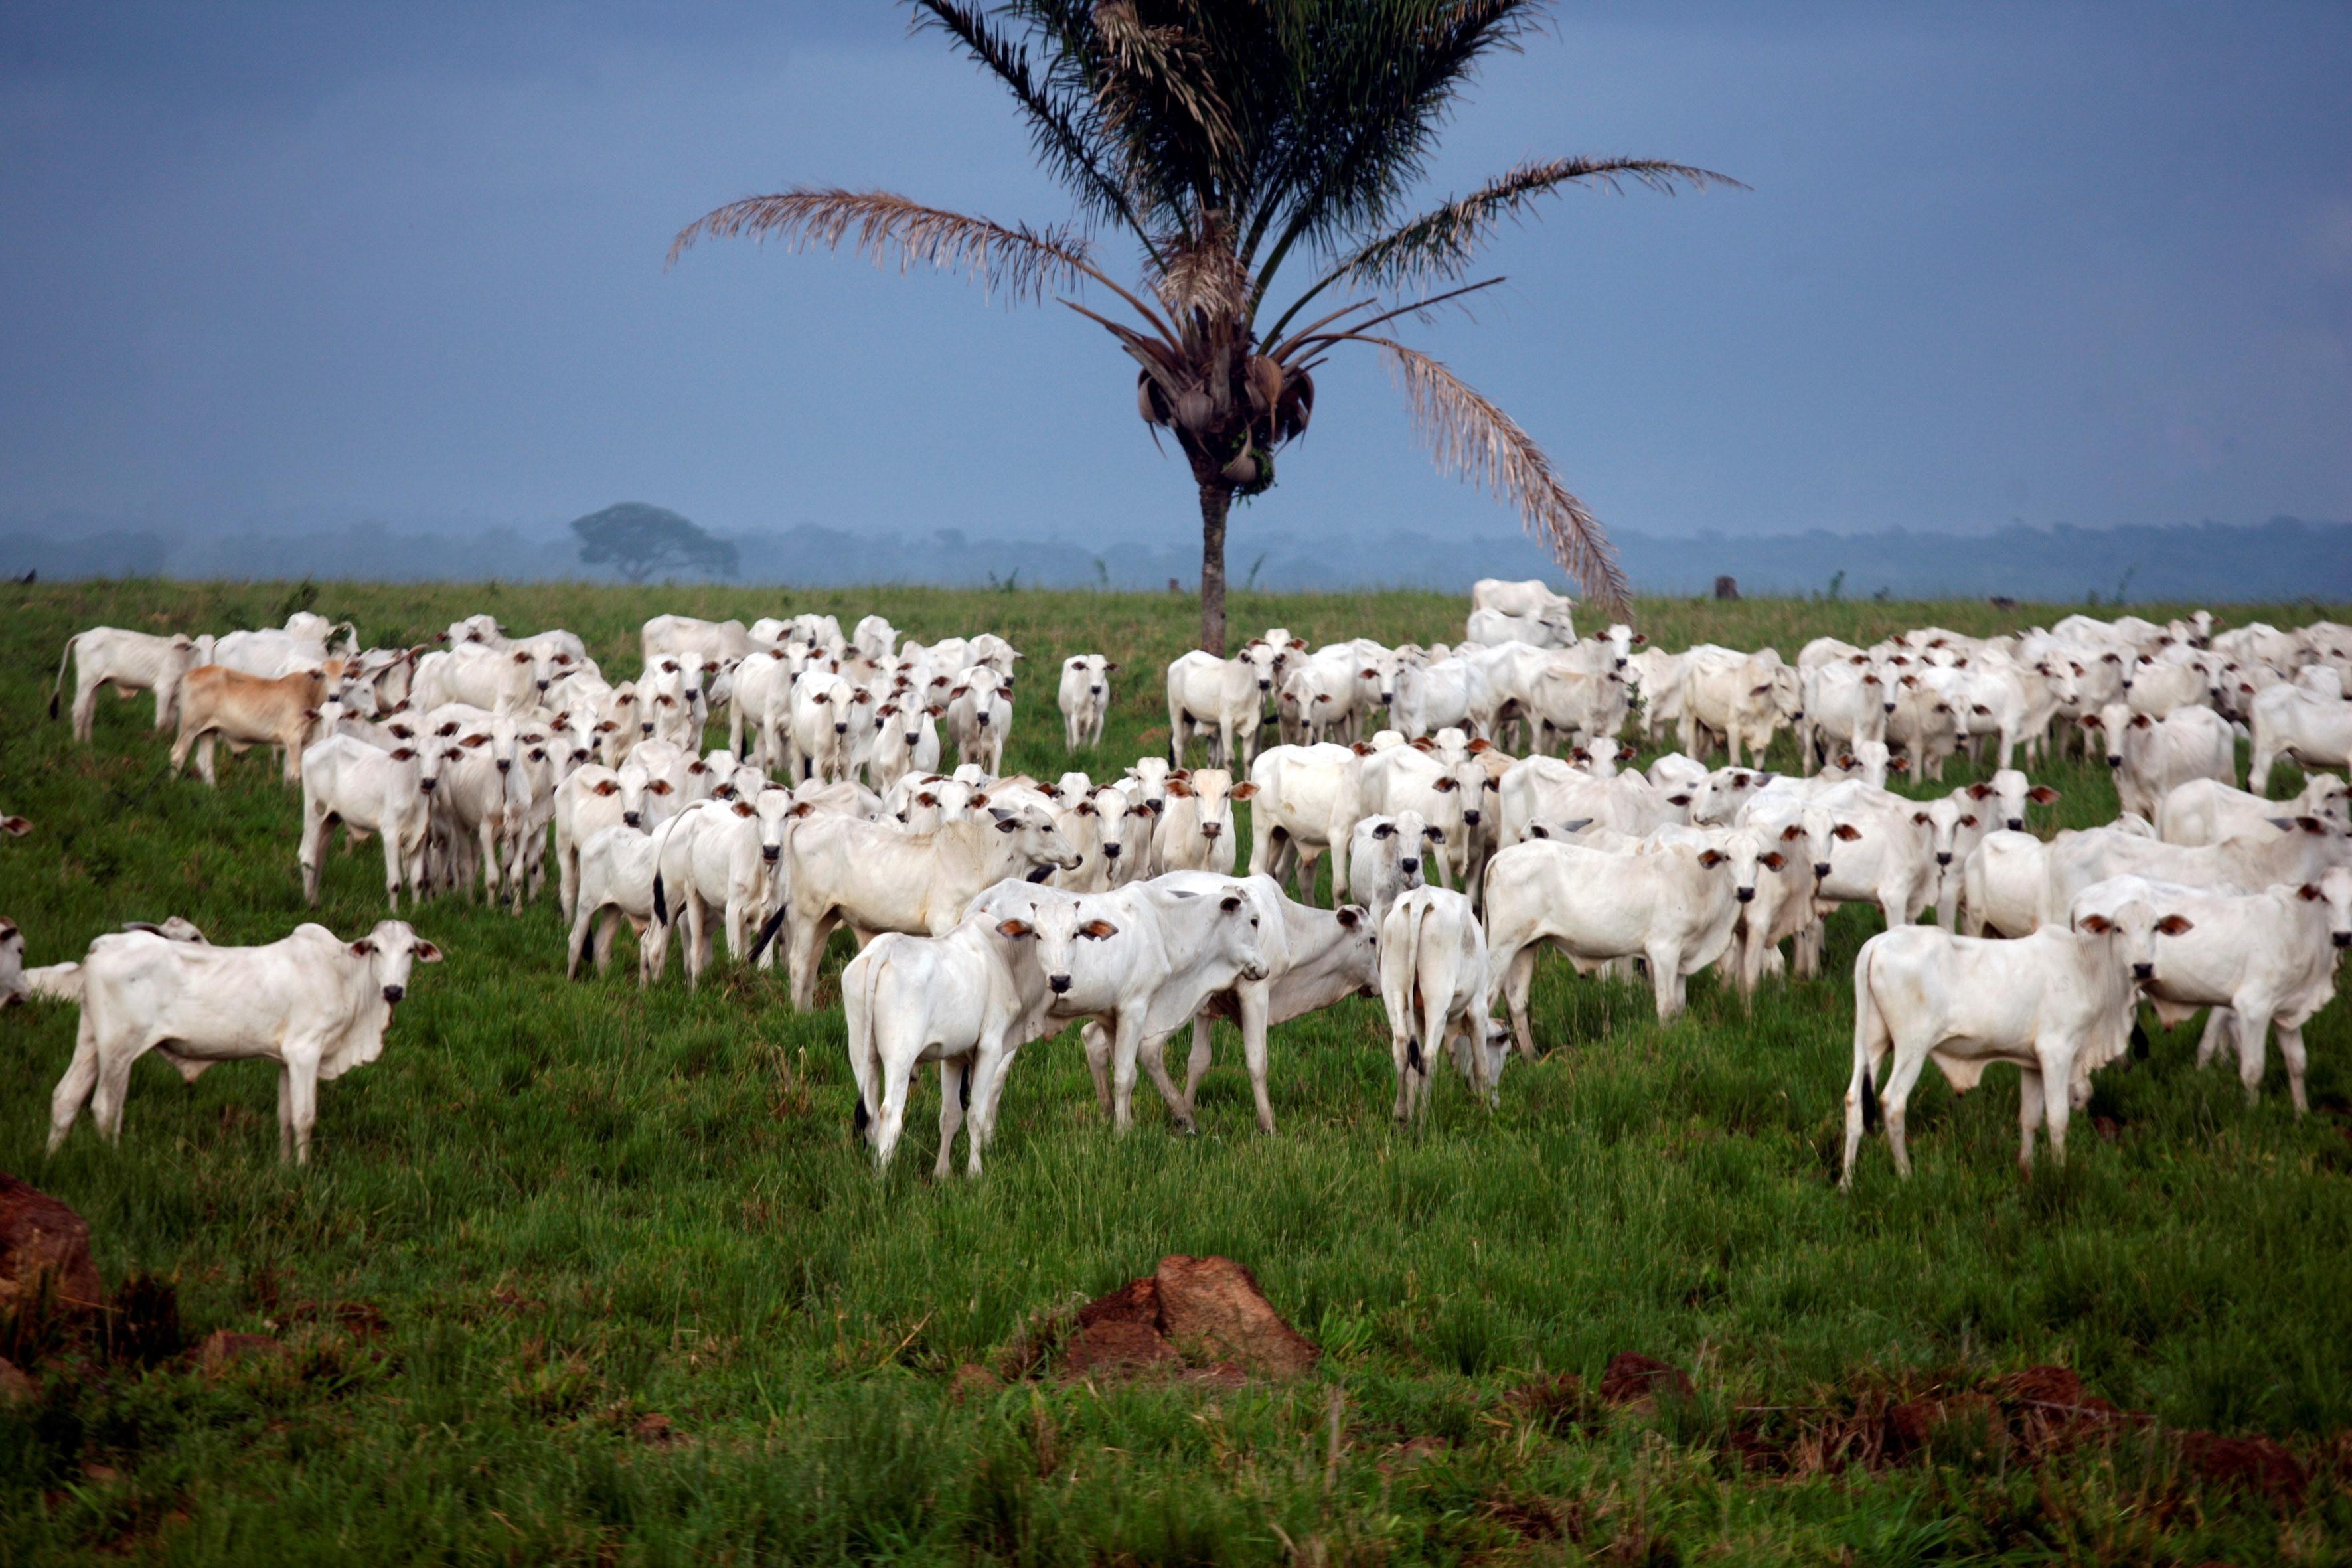 Prejuízos da pecuária com paralisação passam de R$ 3 bi, diz ministro